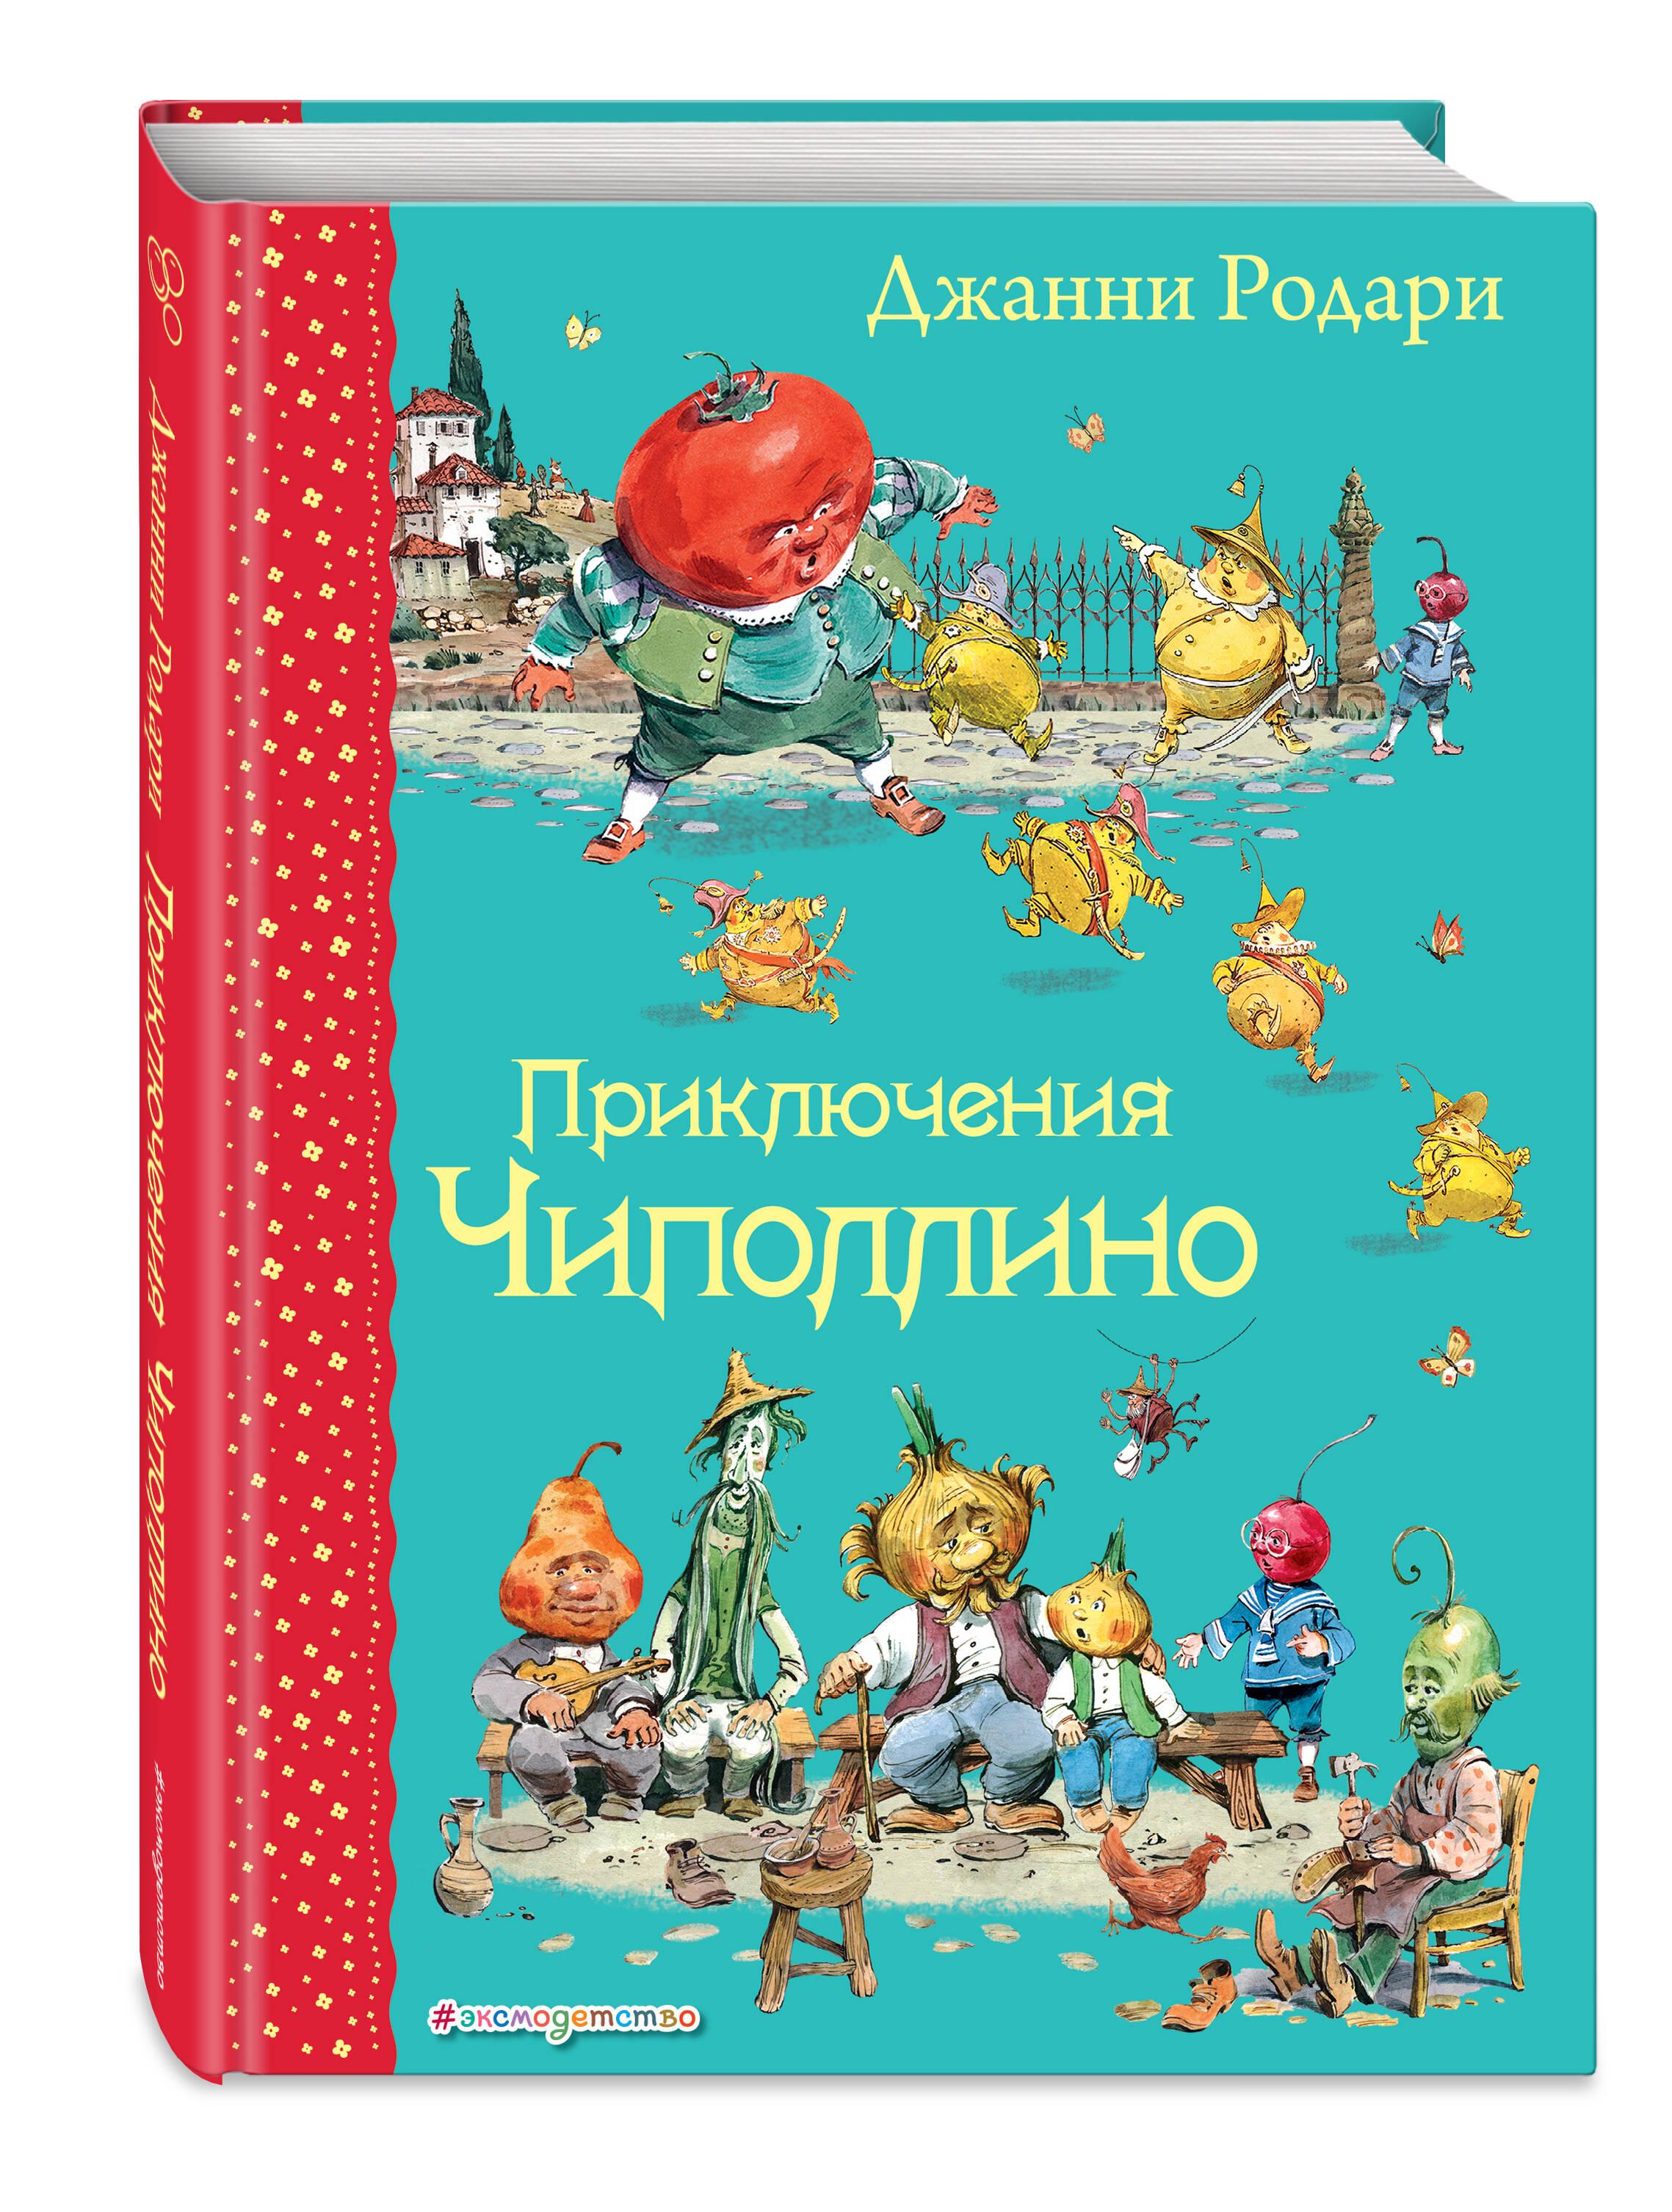 Джанни Родари Приключения Чиполлино (ил. В. Челака)